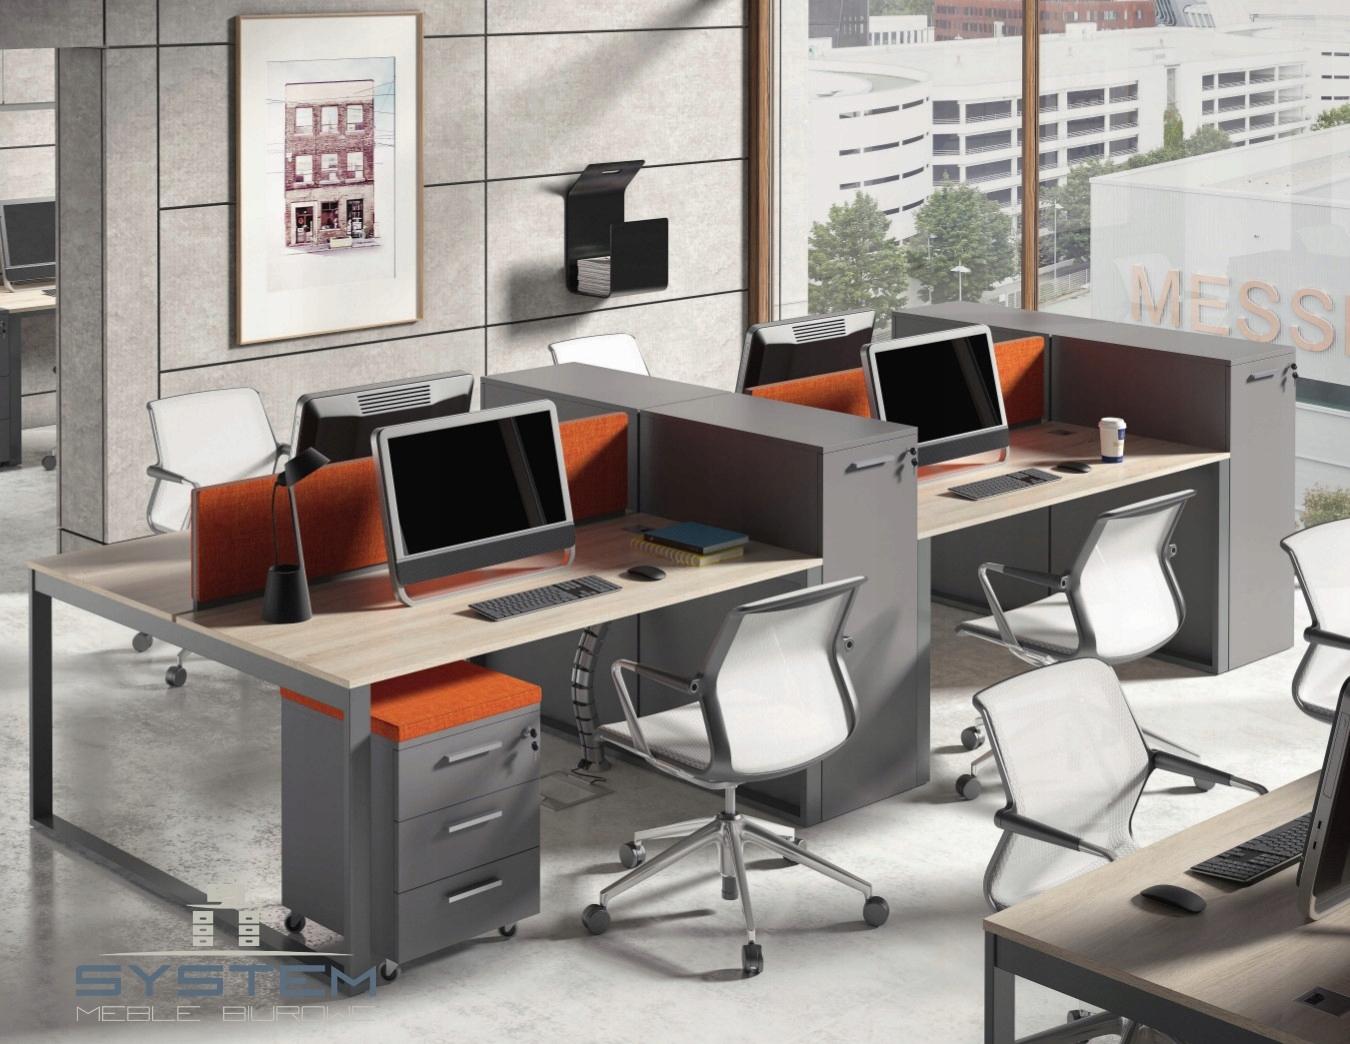 Wspaniały Meble biurowe 4 stanowiska pracy Intelli -15% - 7515092304 JH79